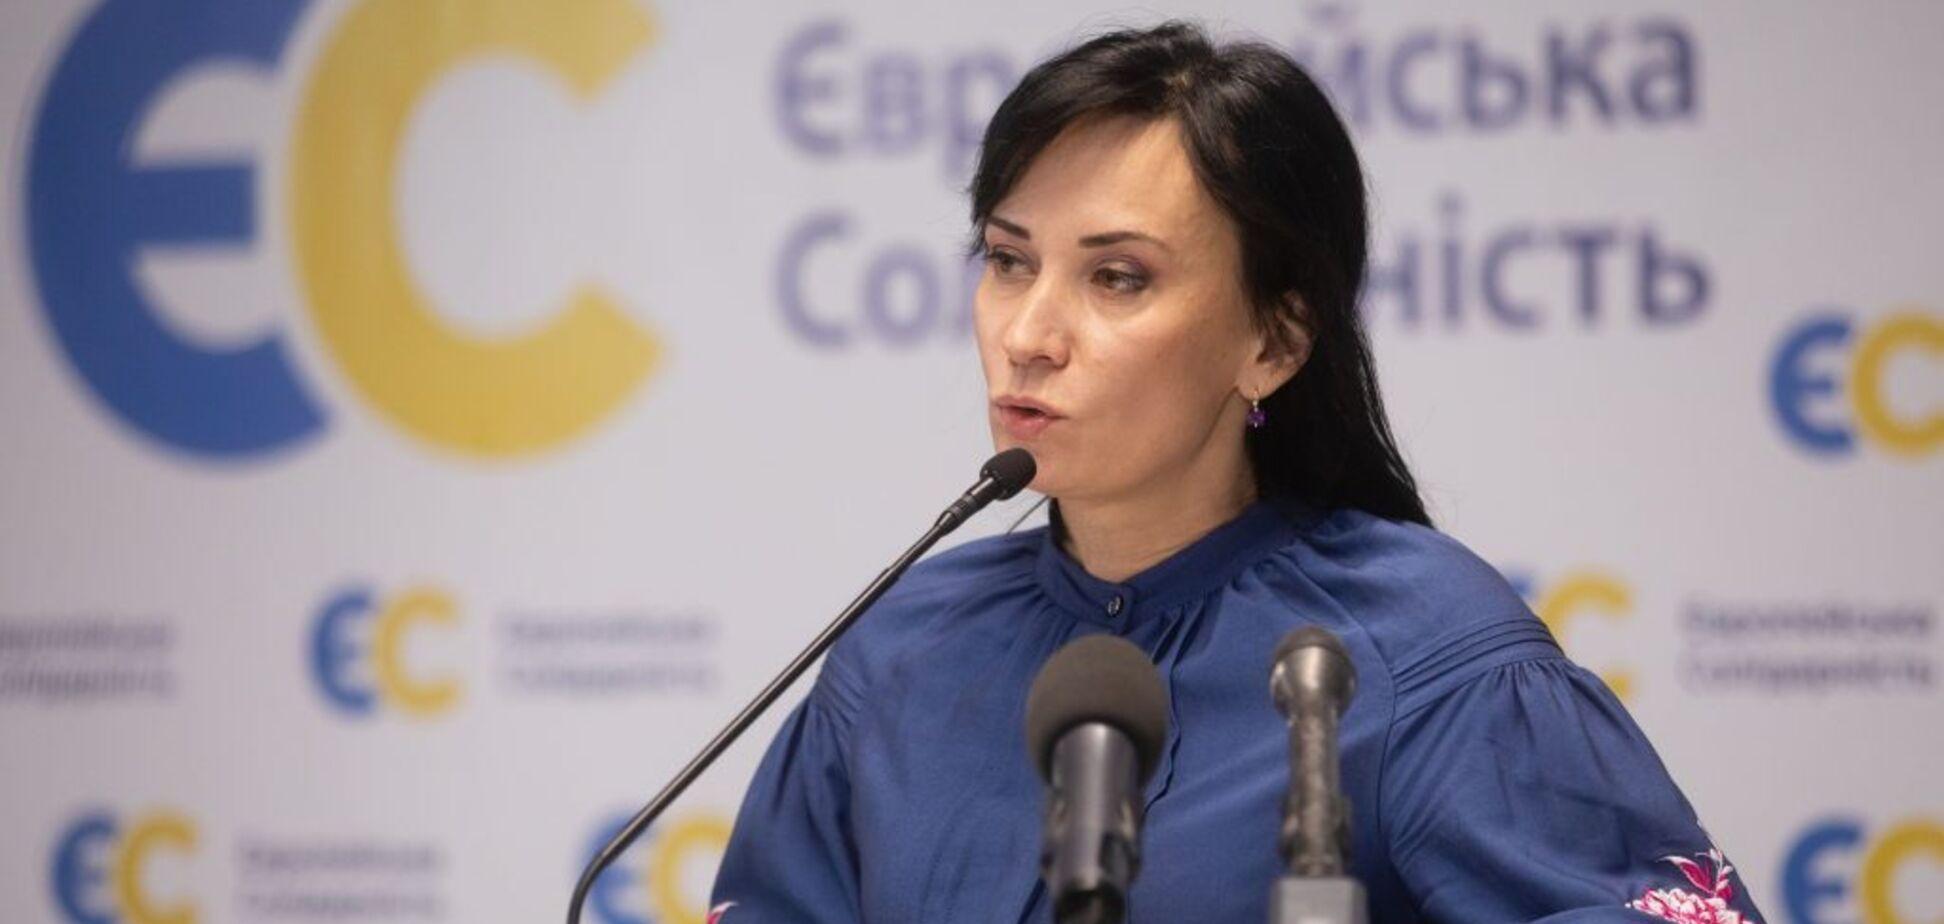 Маруся Зверобой будет баллотироваться от 'ЕС' в Ивано-Франковской области